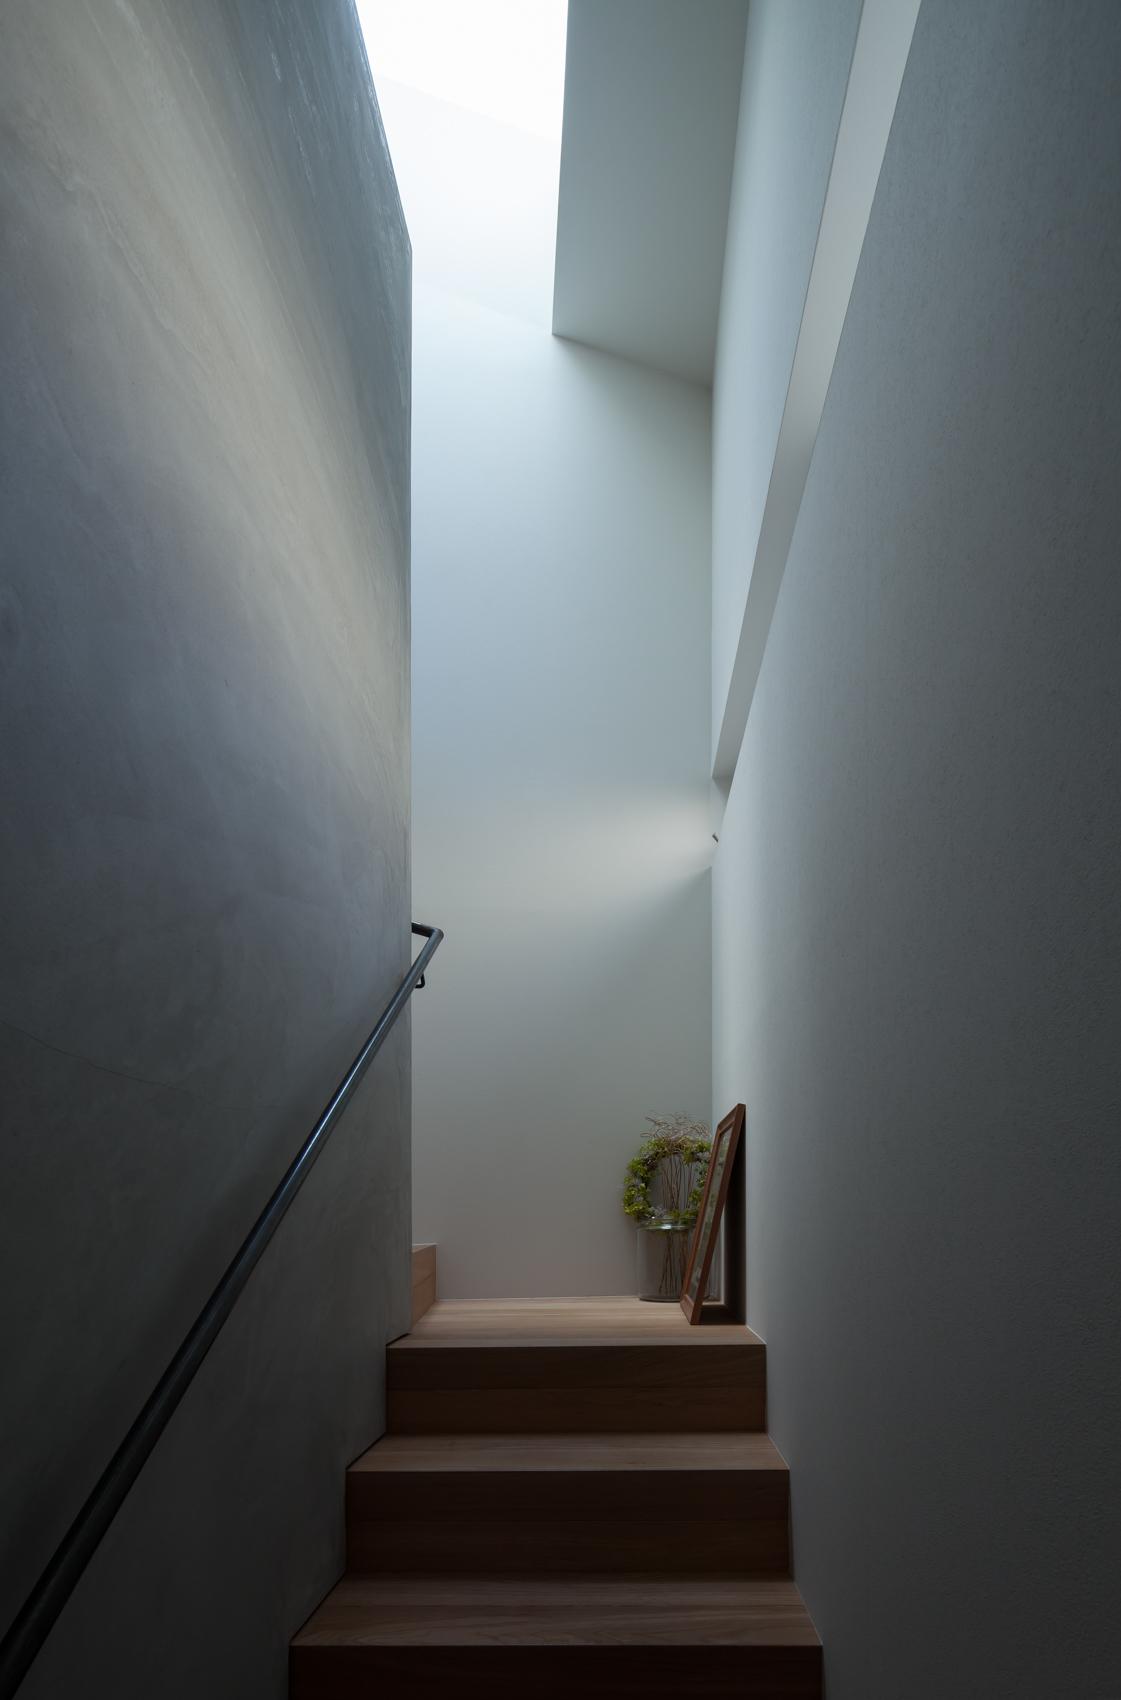 設計:作人 プロデュース、施工:IFA住宅設計室